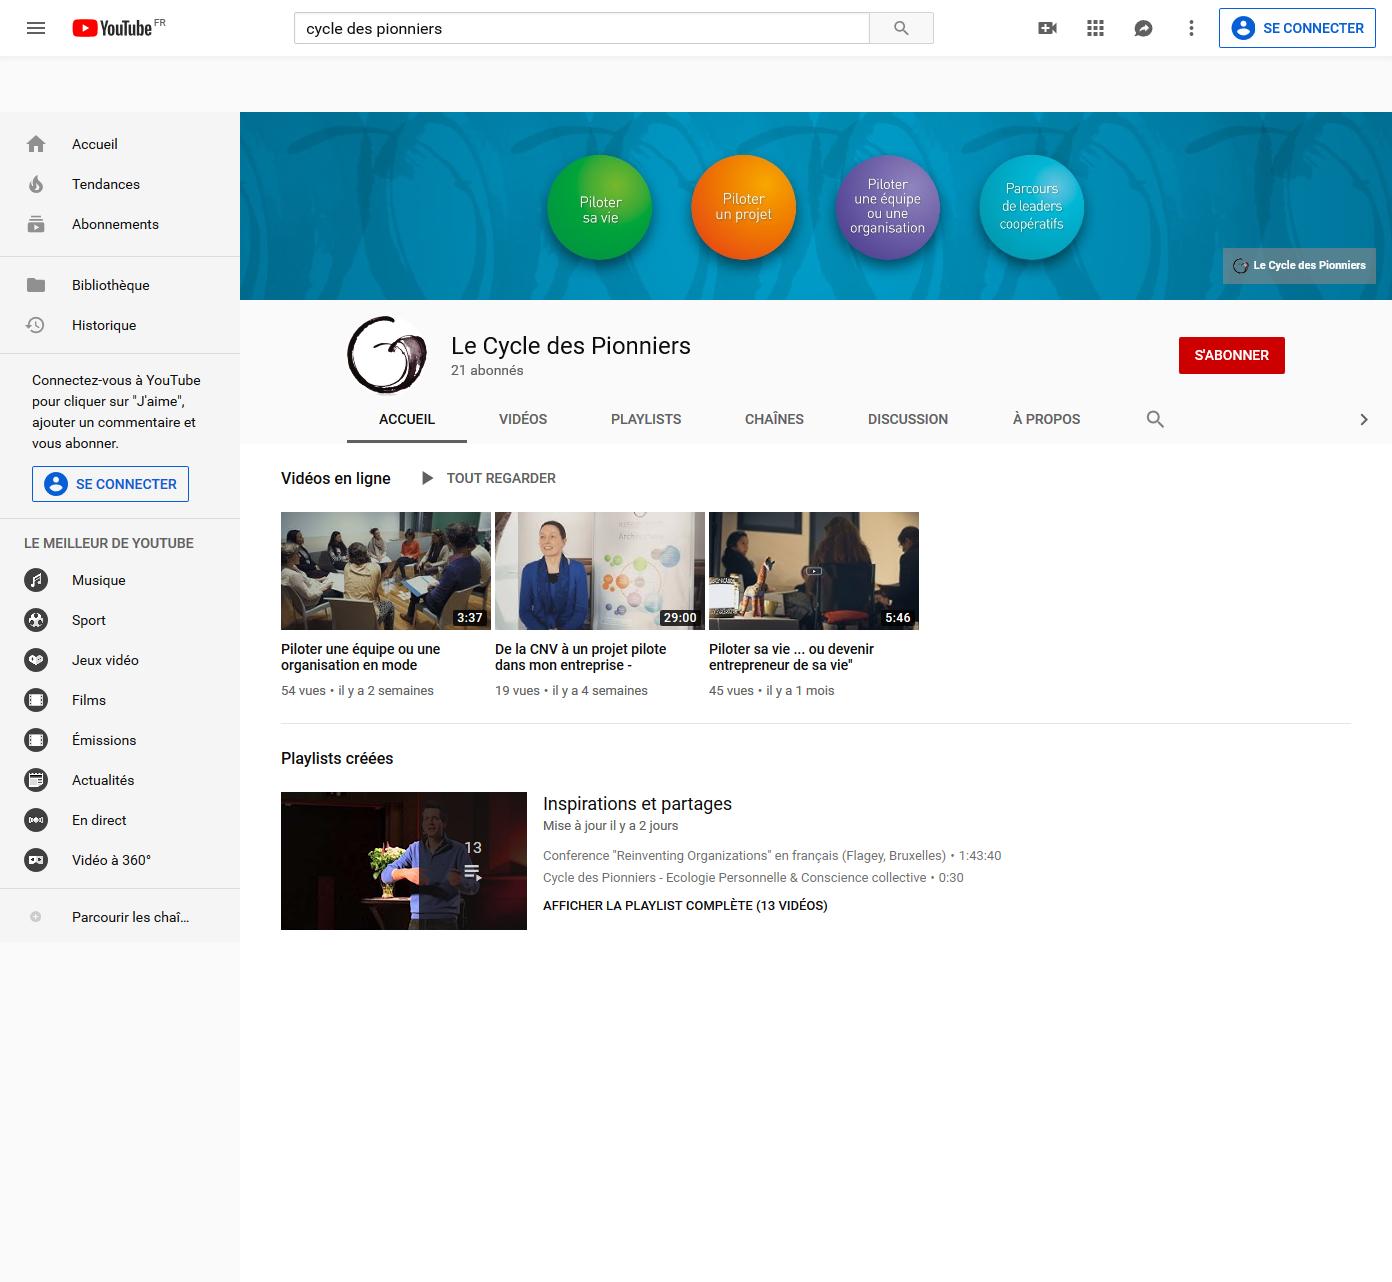 La nouvelle chaîne Le Cycle des Pionniers sur YouTube